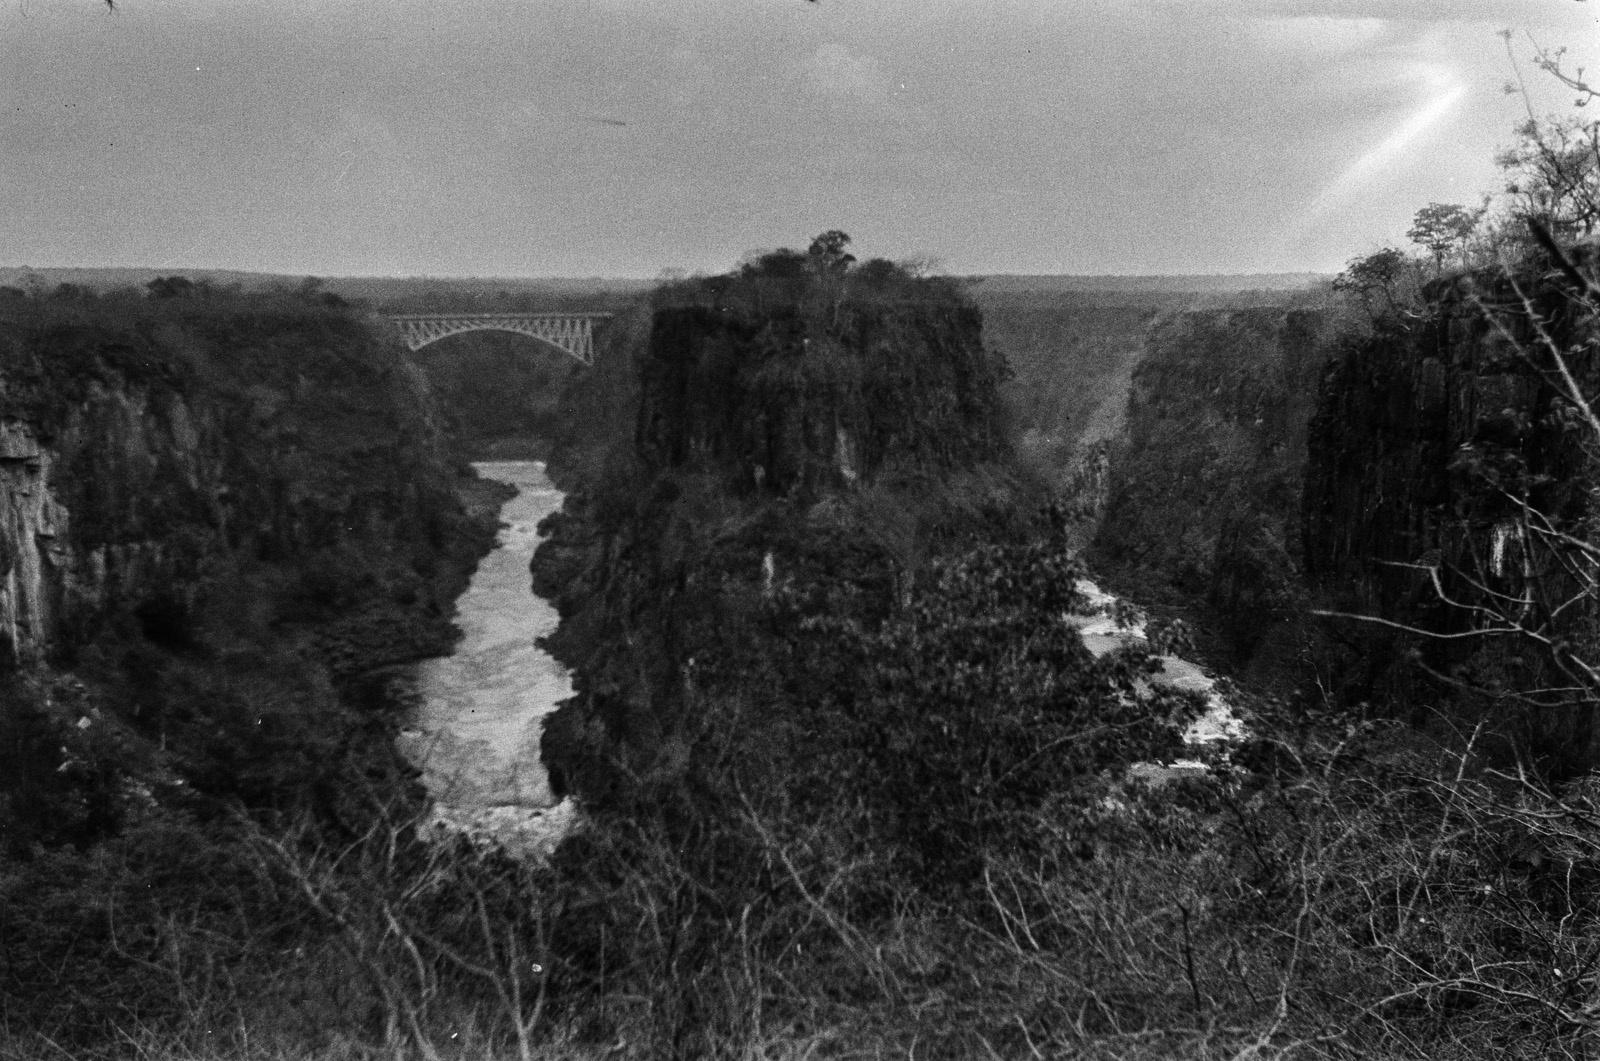 Водопад Виктория реки Замбези. Вид из отеля на ущелье водопада. На заднем плане - железнодорожный мост